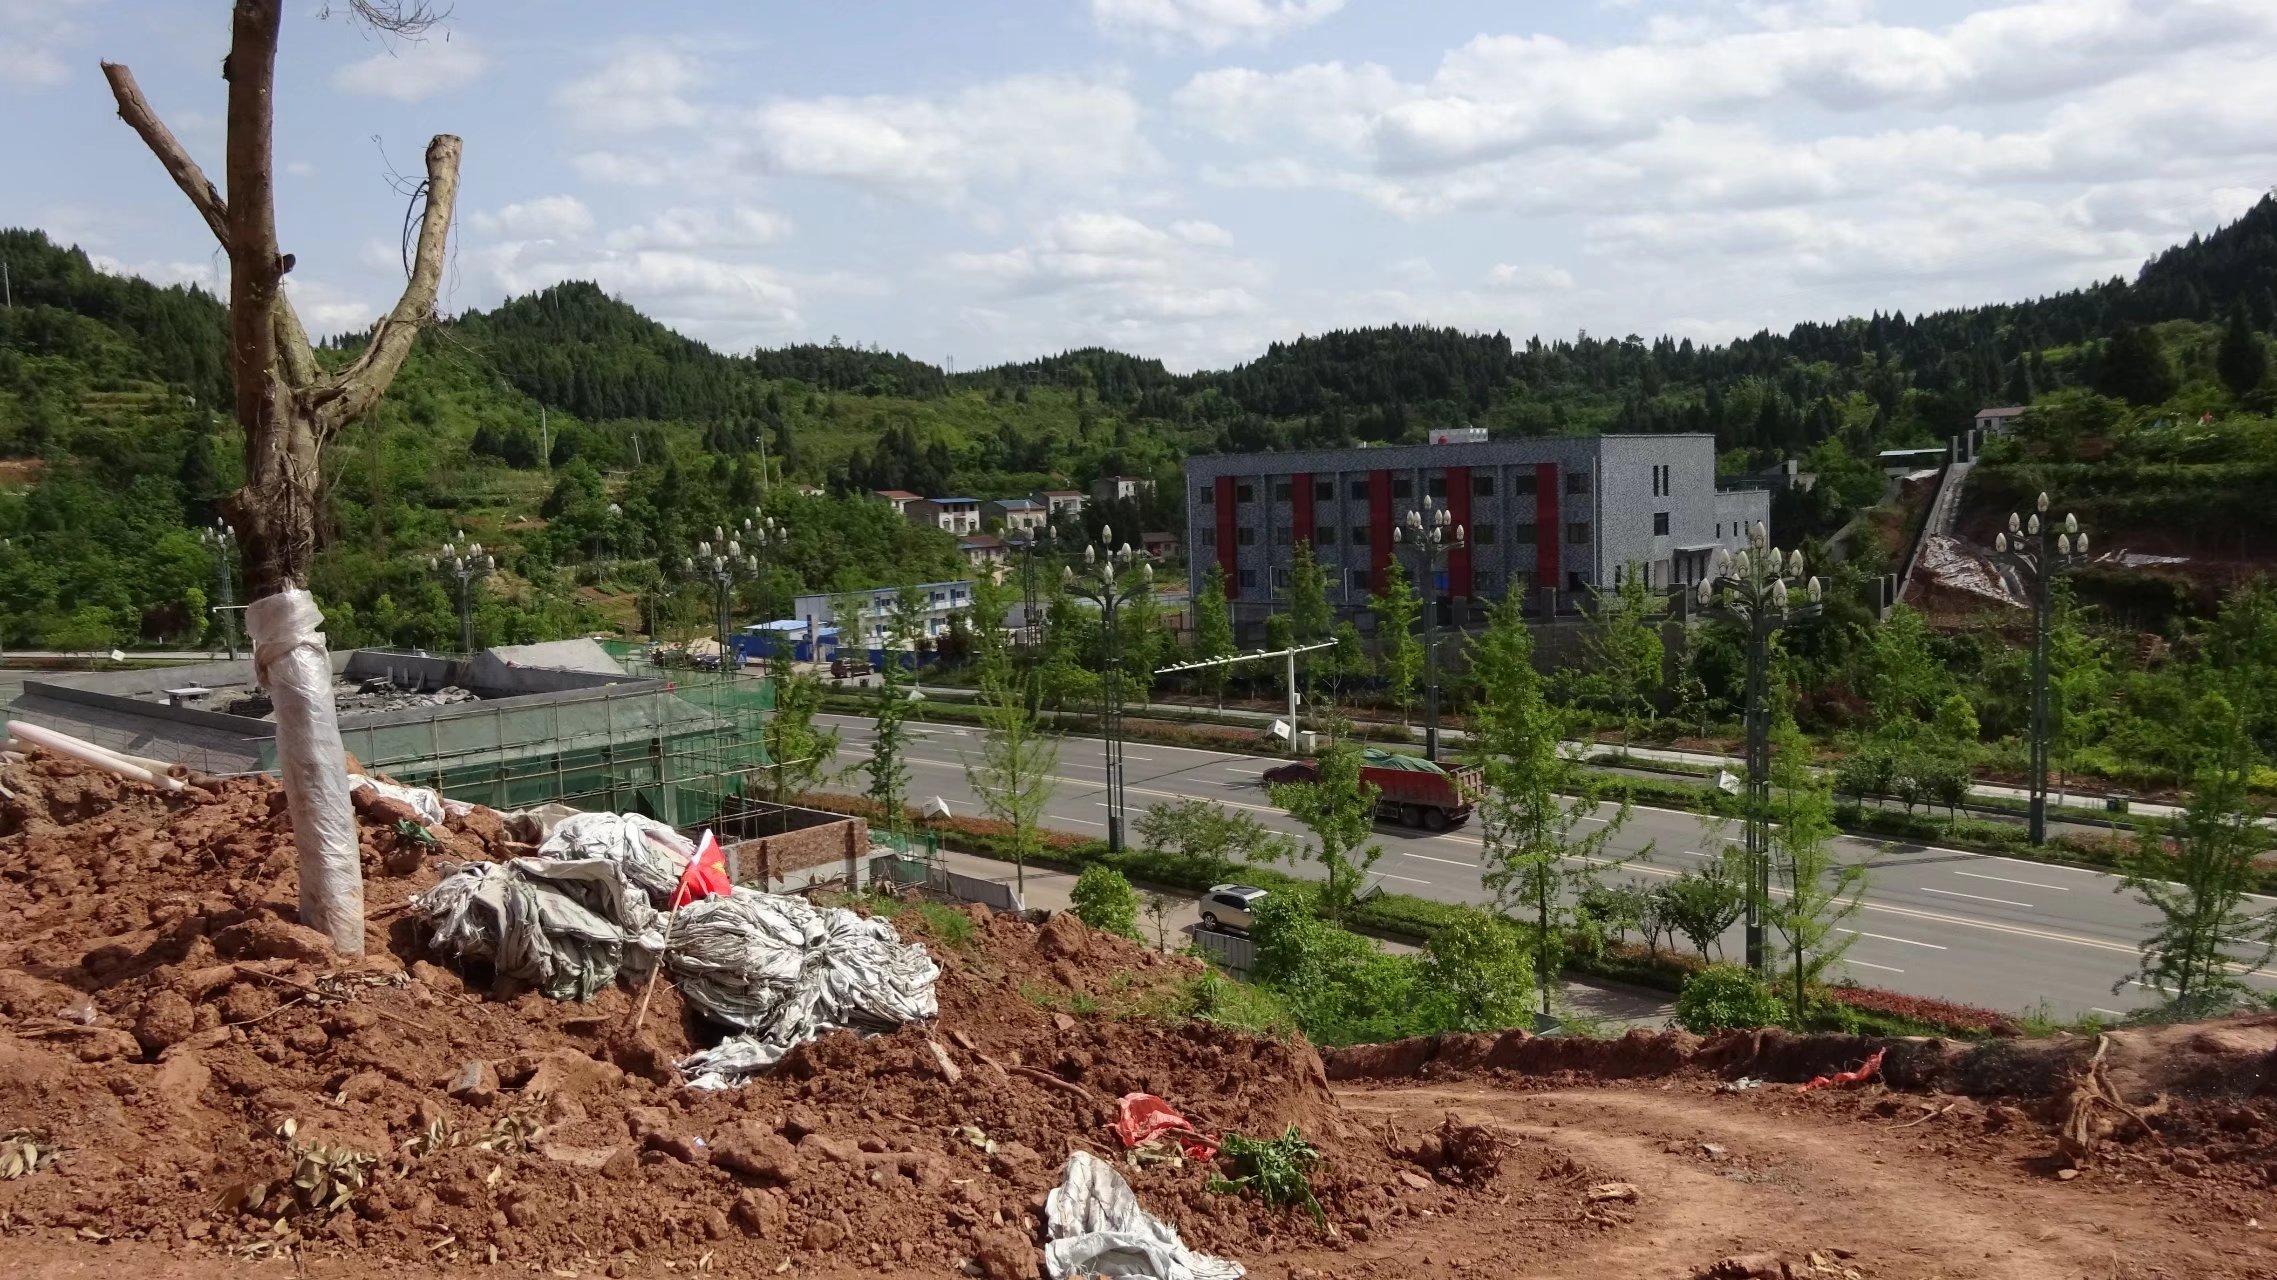 蓬安桑梓火锅公园施工进度(2018-05-10) - 第6张    蓬安在线